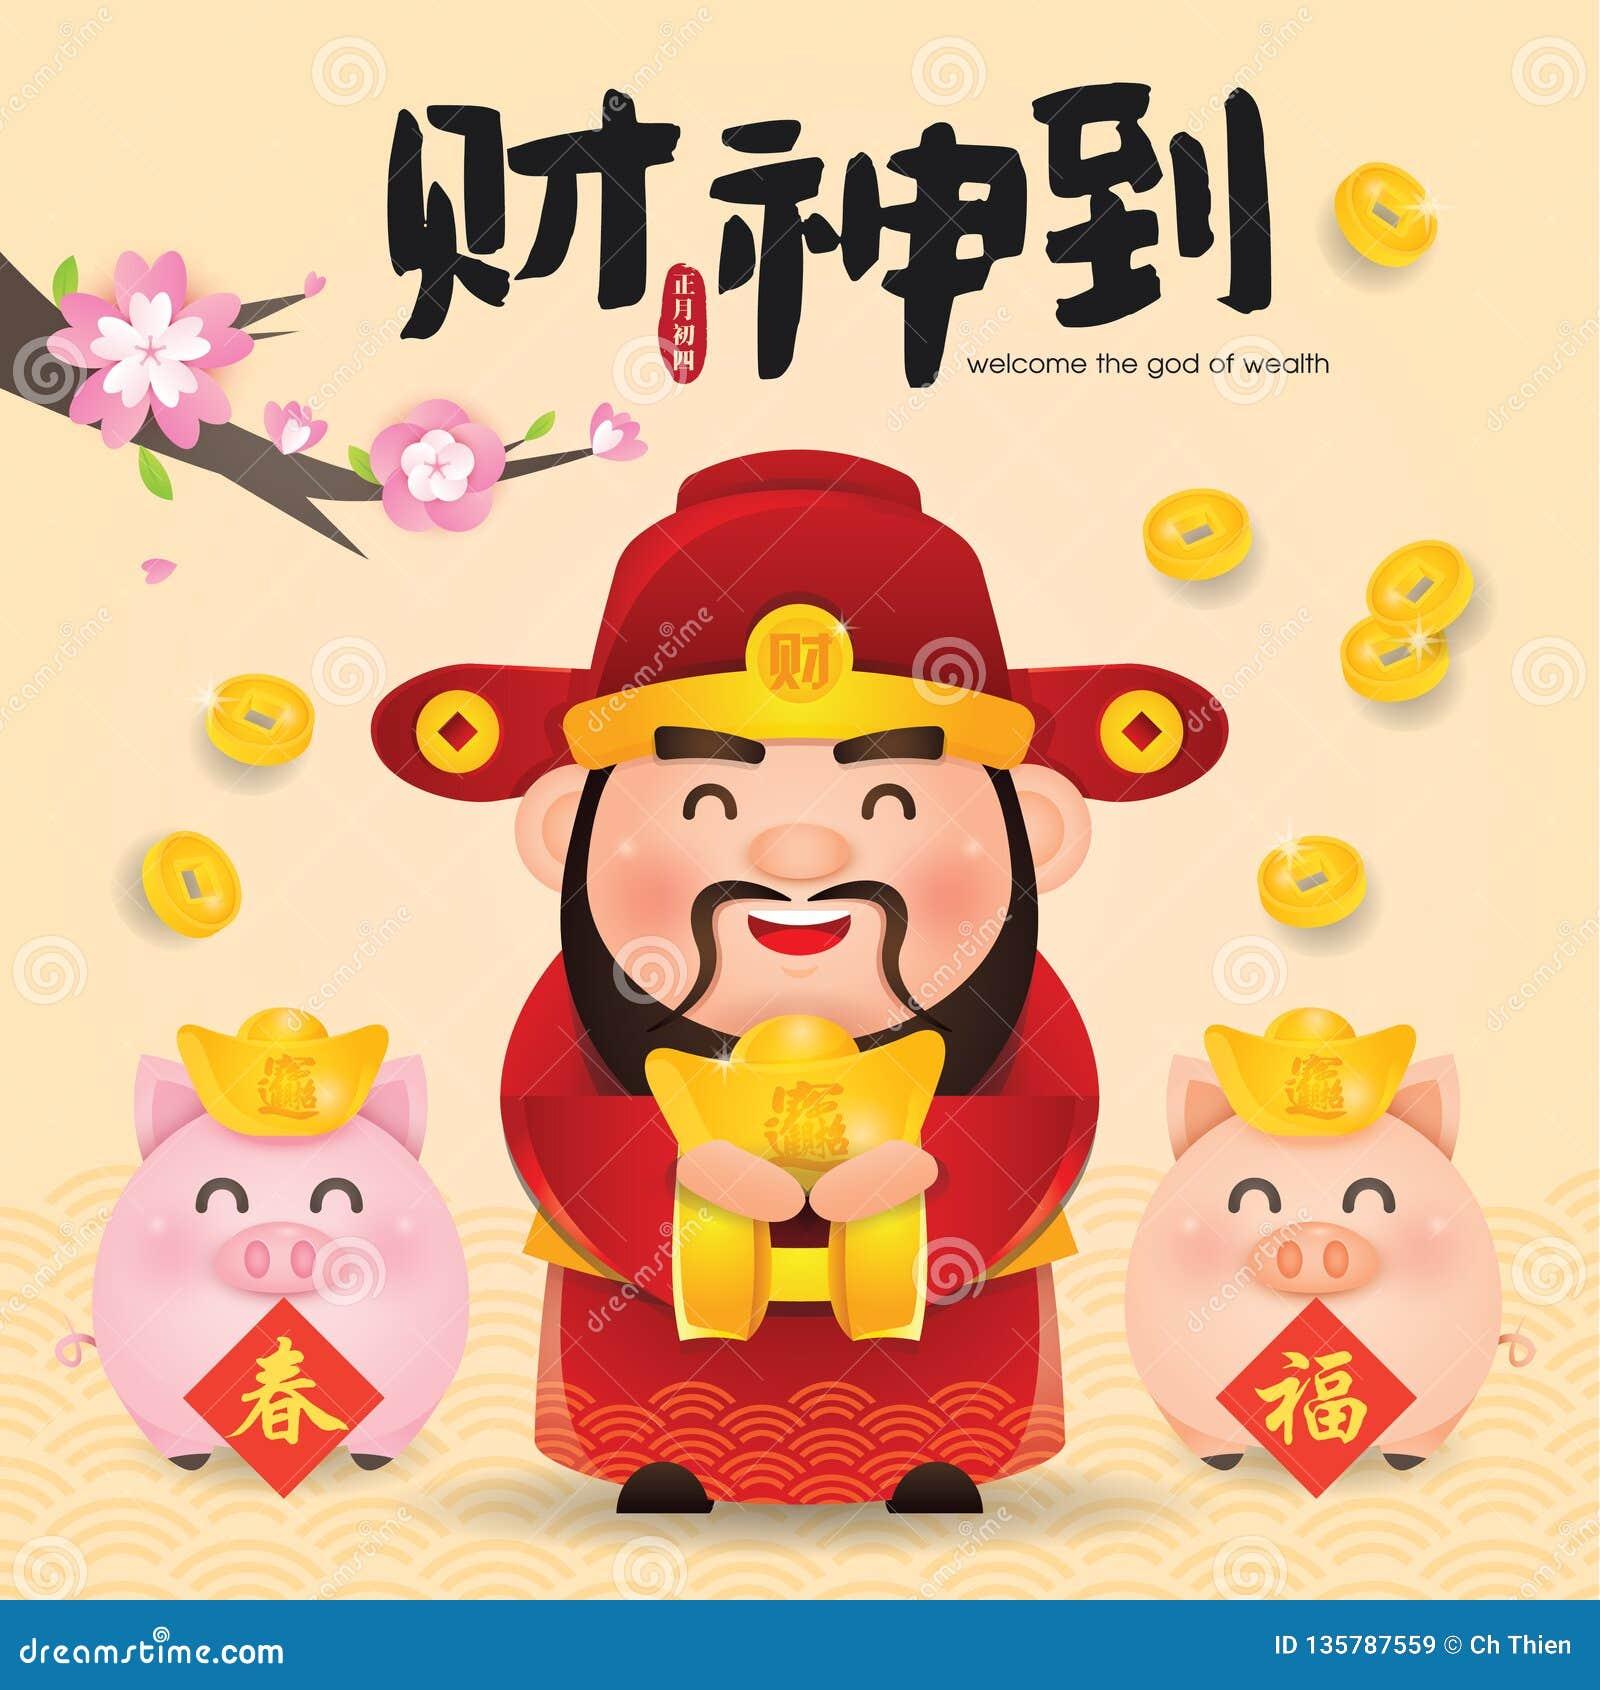 Ilustração chinesa do vetor do ano novo com o deus chinês da riqueza Tradução: Dê boas-vindas ao deus da riqueza